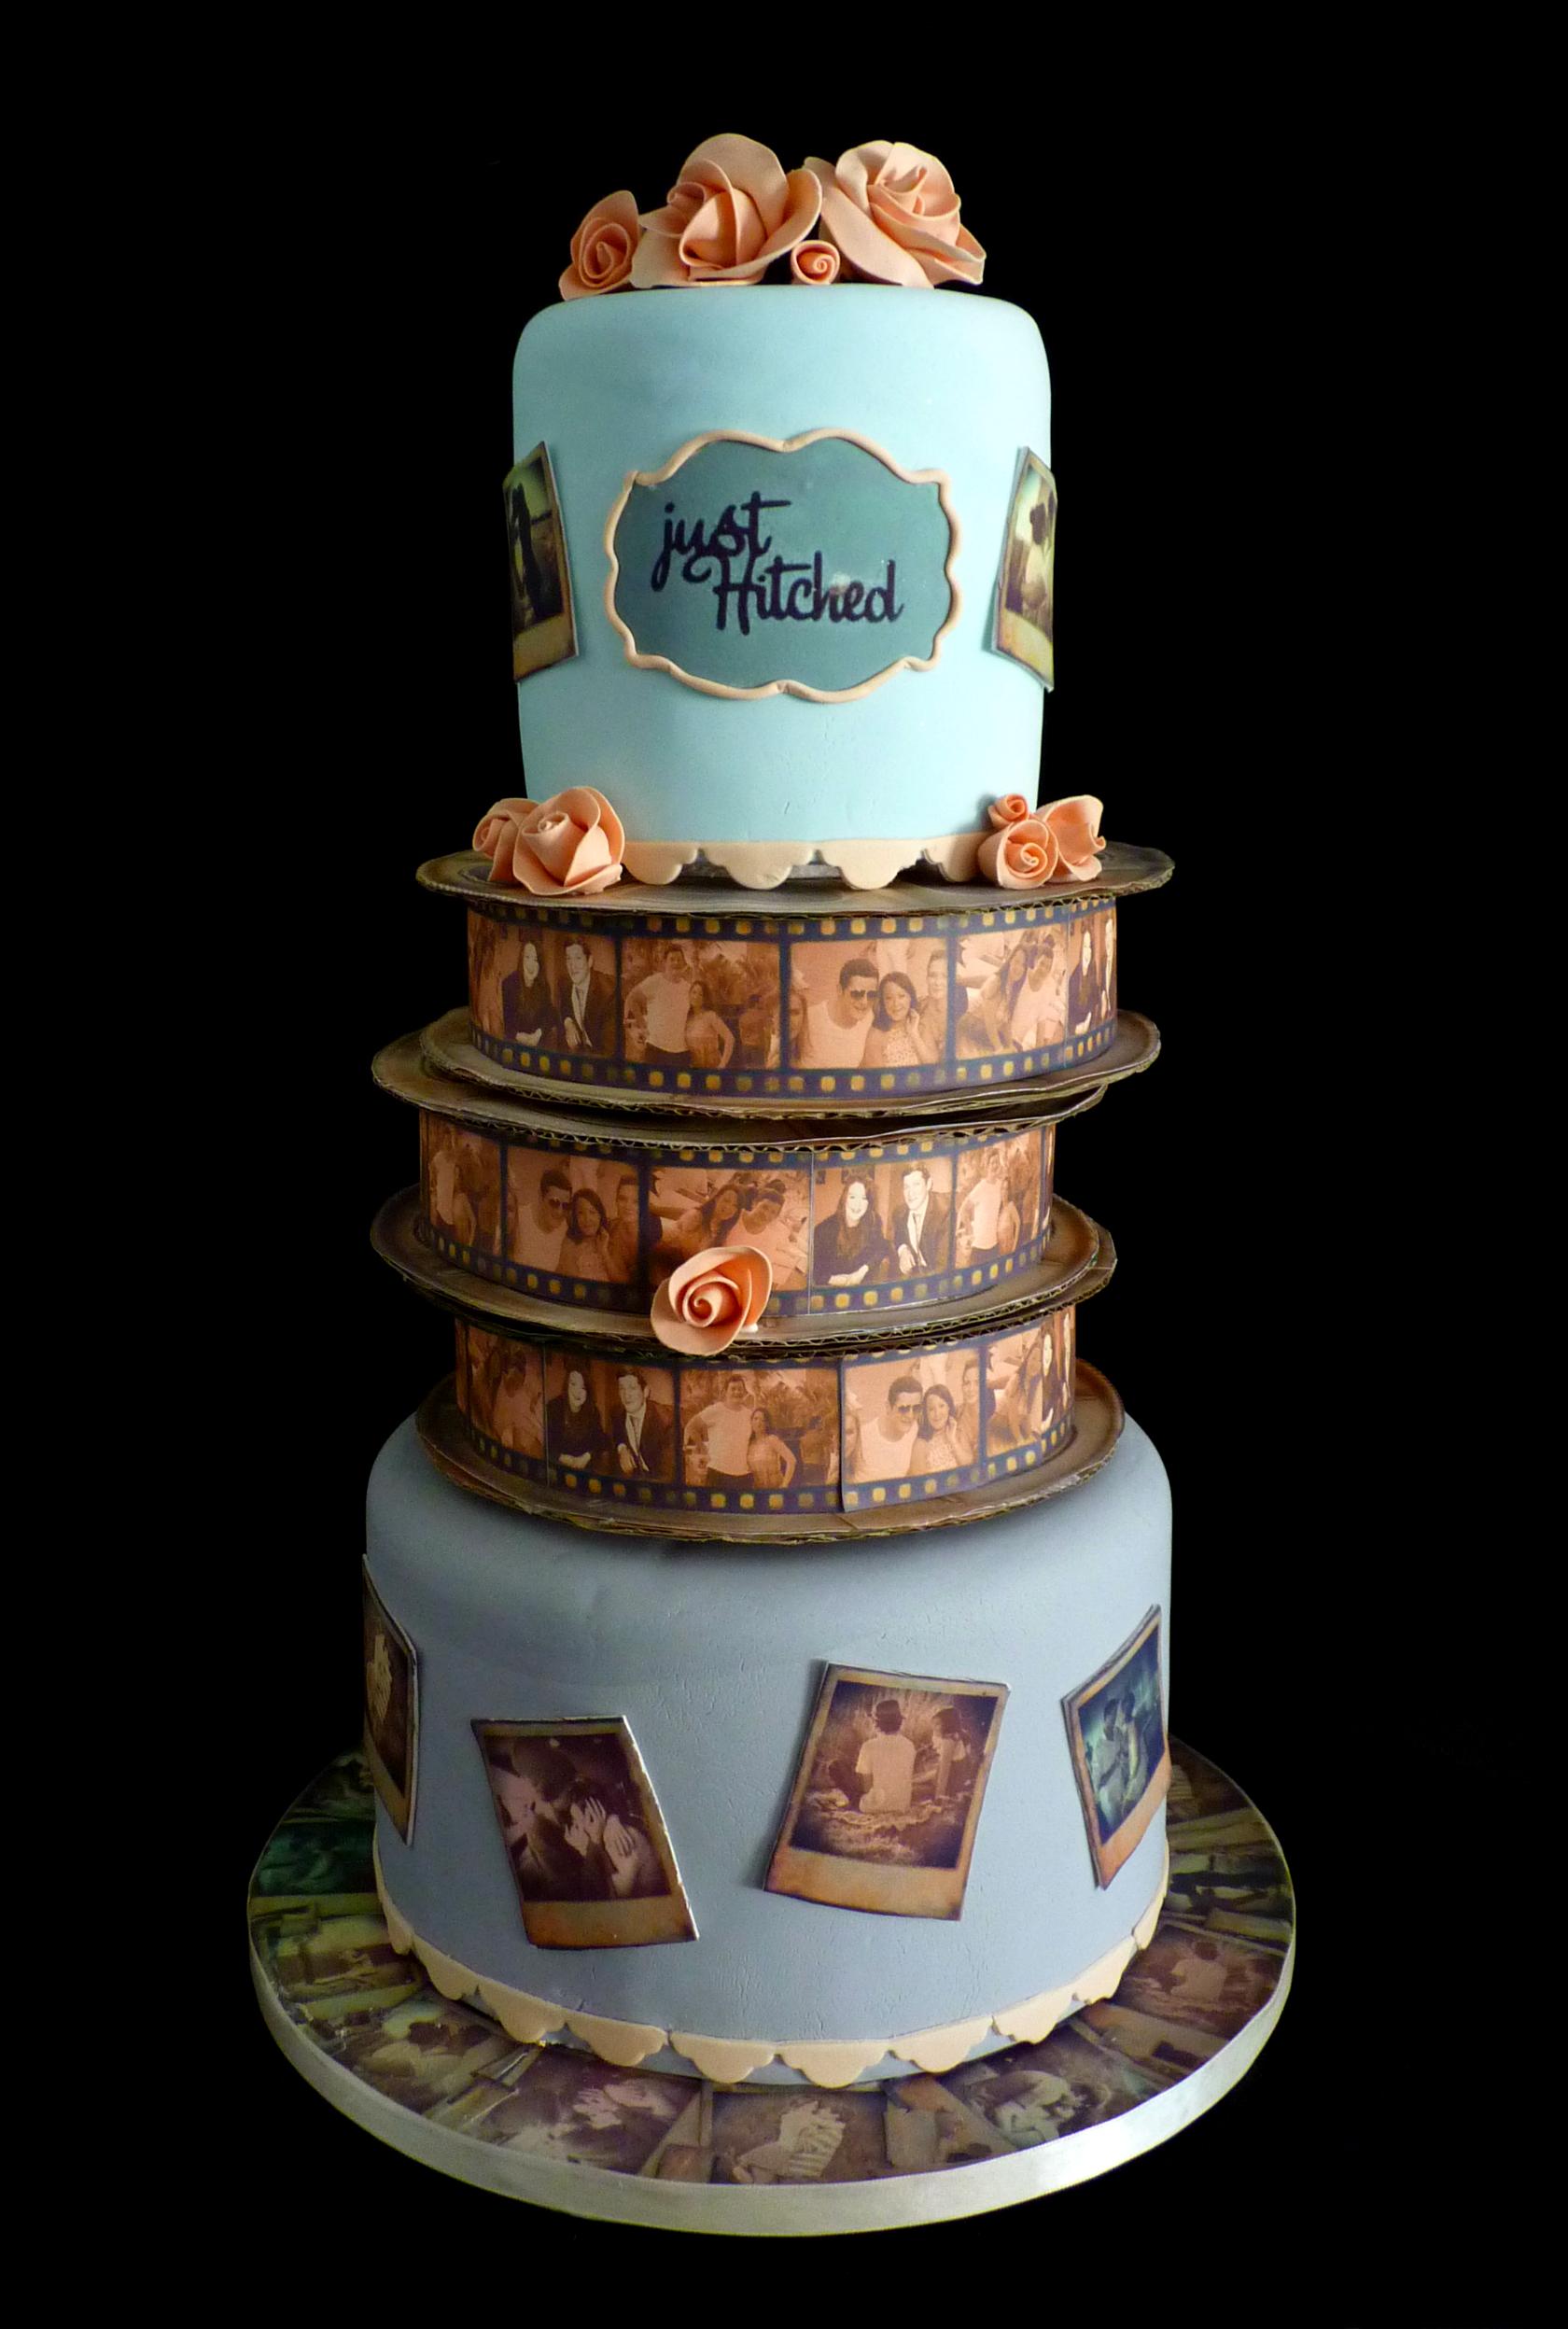 Vintage polaroid wedding cake